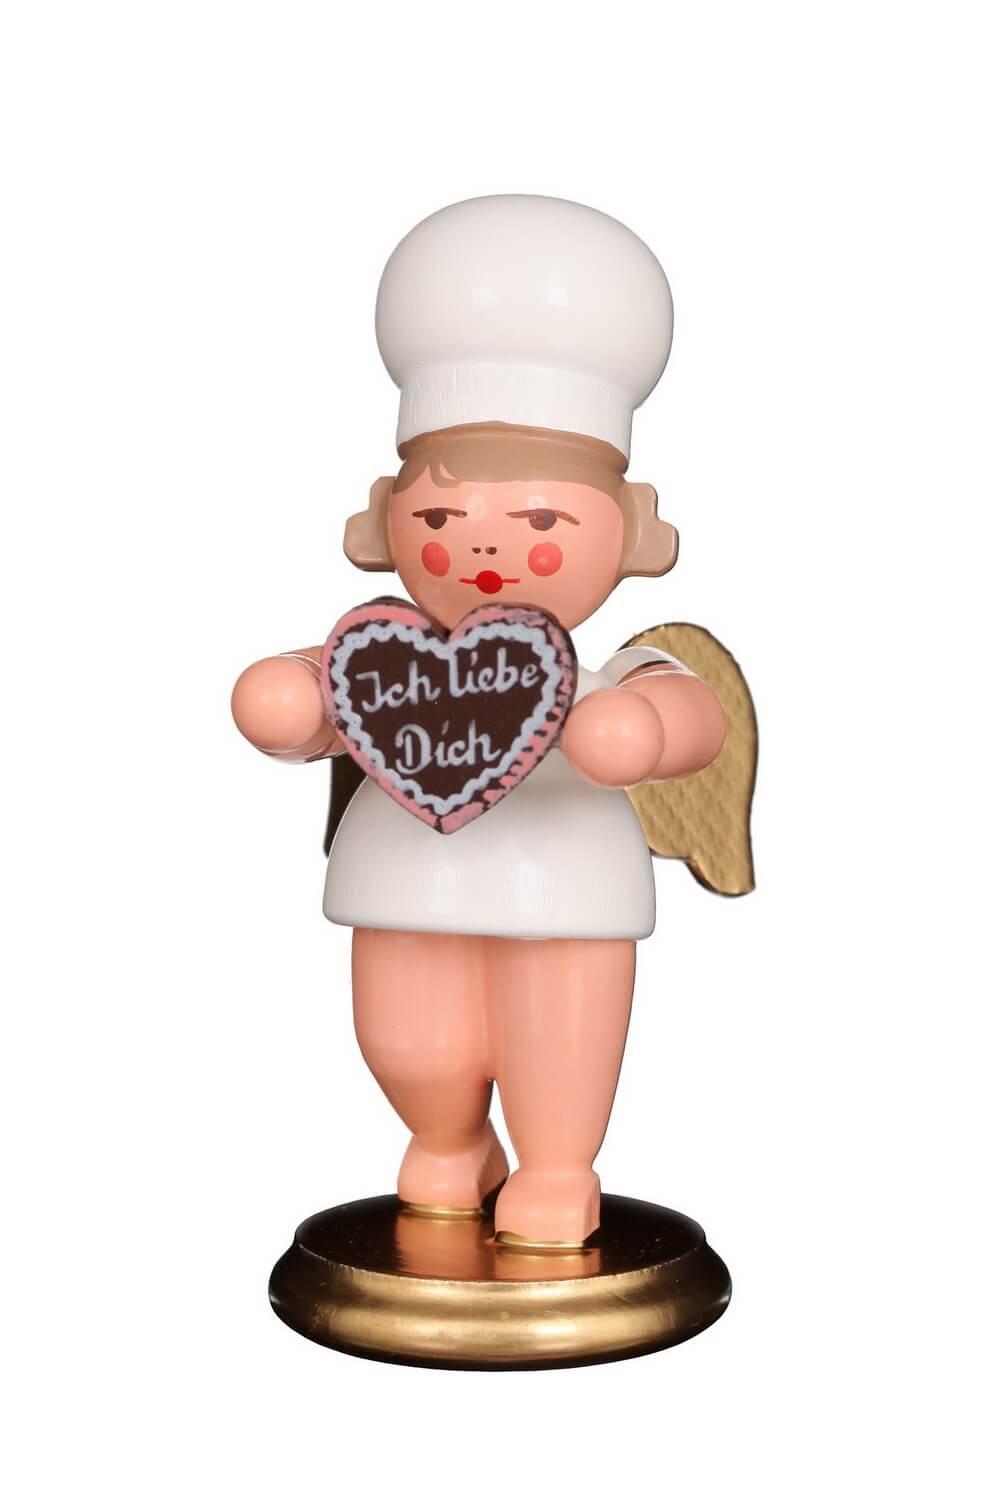 Weihnachtsengel von Christian Ulbricht mit dem Motiv Bäckerengel mit Herz